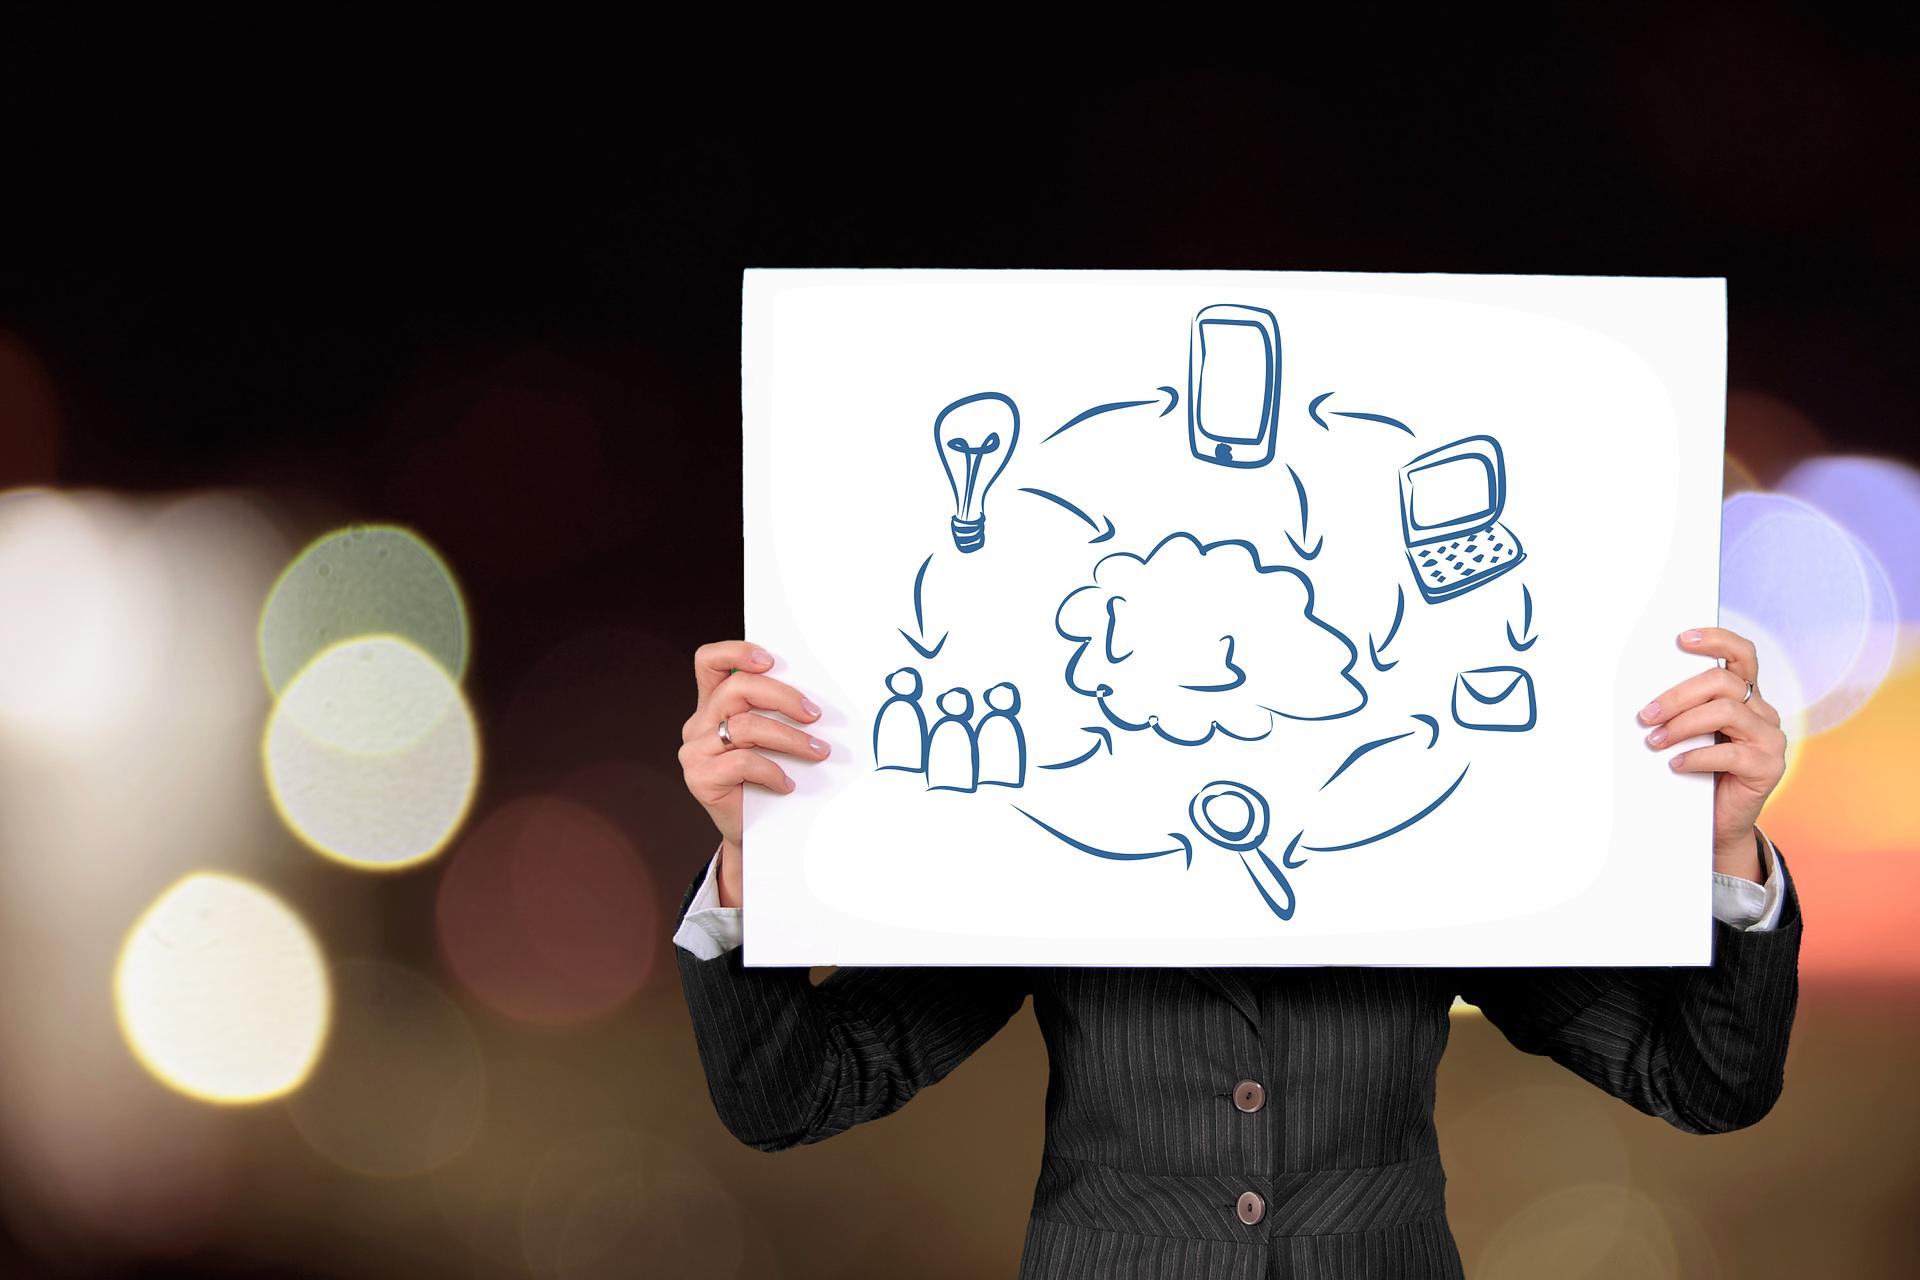 ¿Qué es UX Research y por qué es útil?